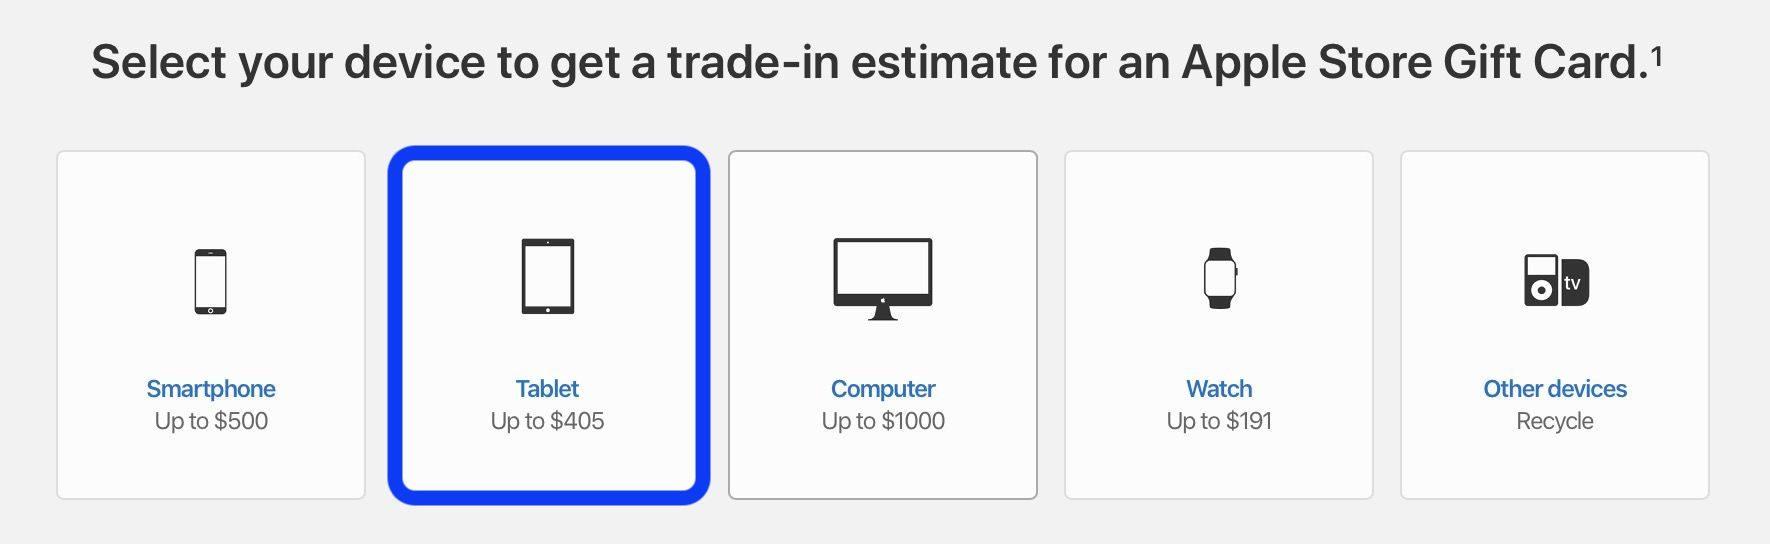 """<span href=""""https://9to5mac.com/2019/02/05/check-ipad-trade-in-value/"""">Cómo comprobar tu iPad valor de intercambio</a>"""